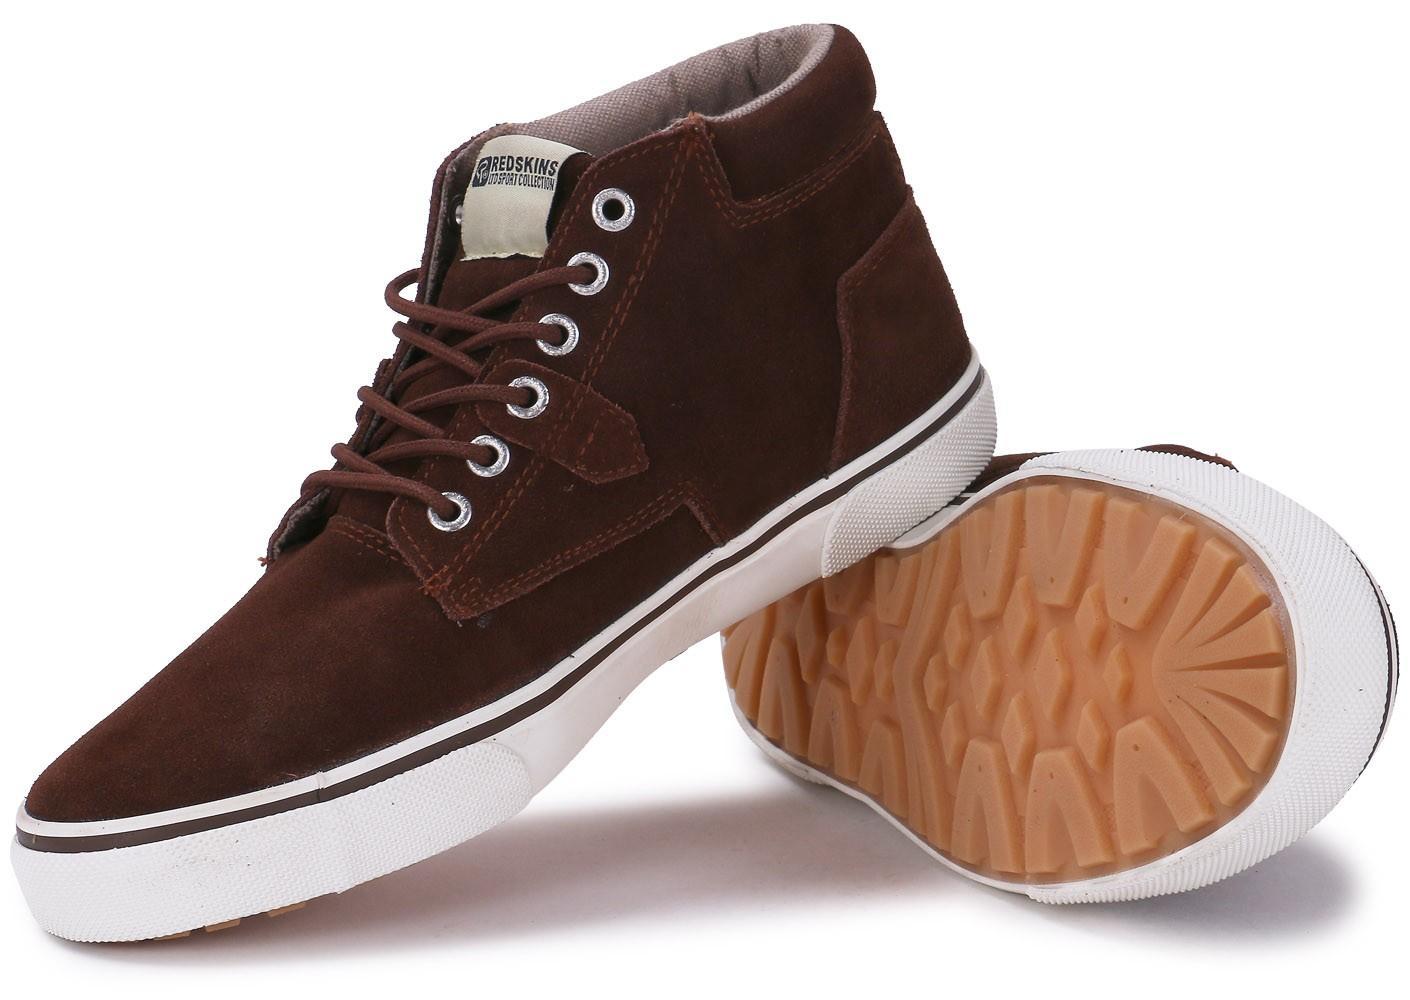 Chaussures Redskins Floris en nubuck marron (Taille 41 à 46)